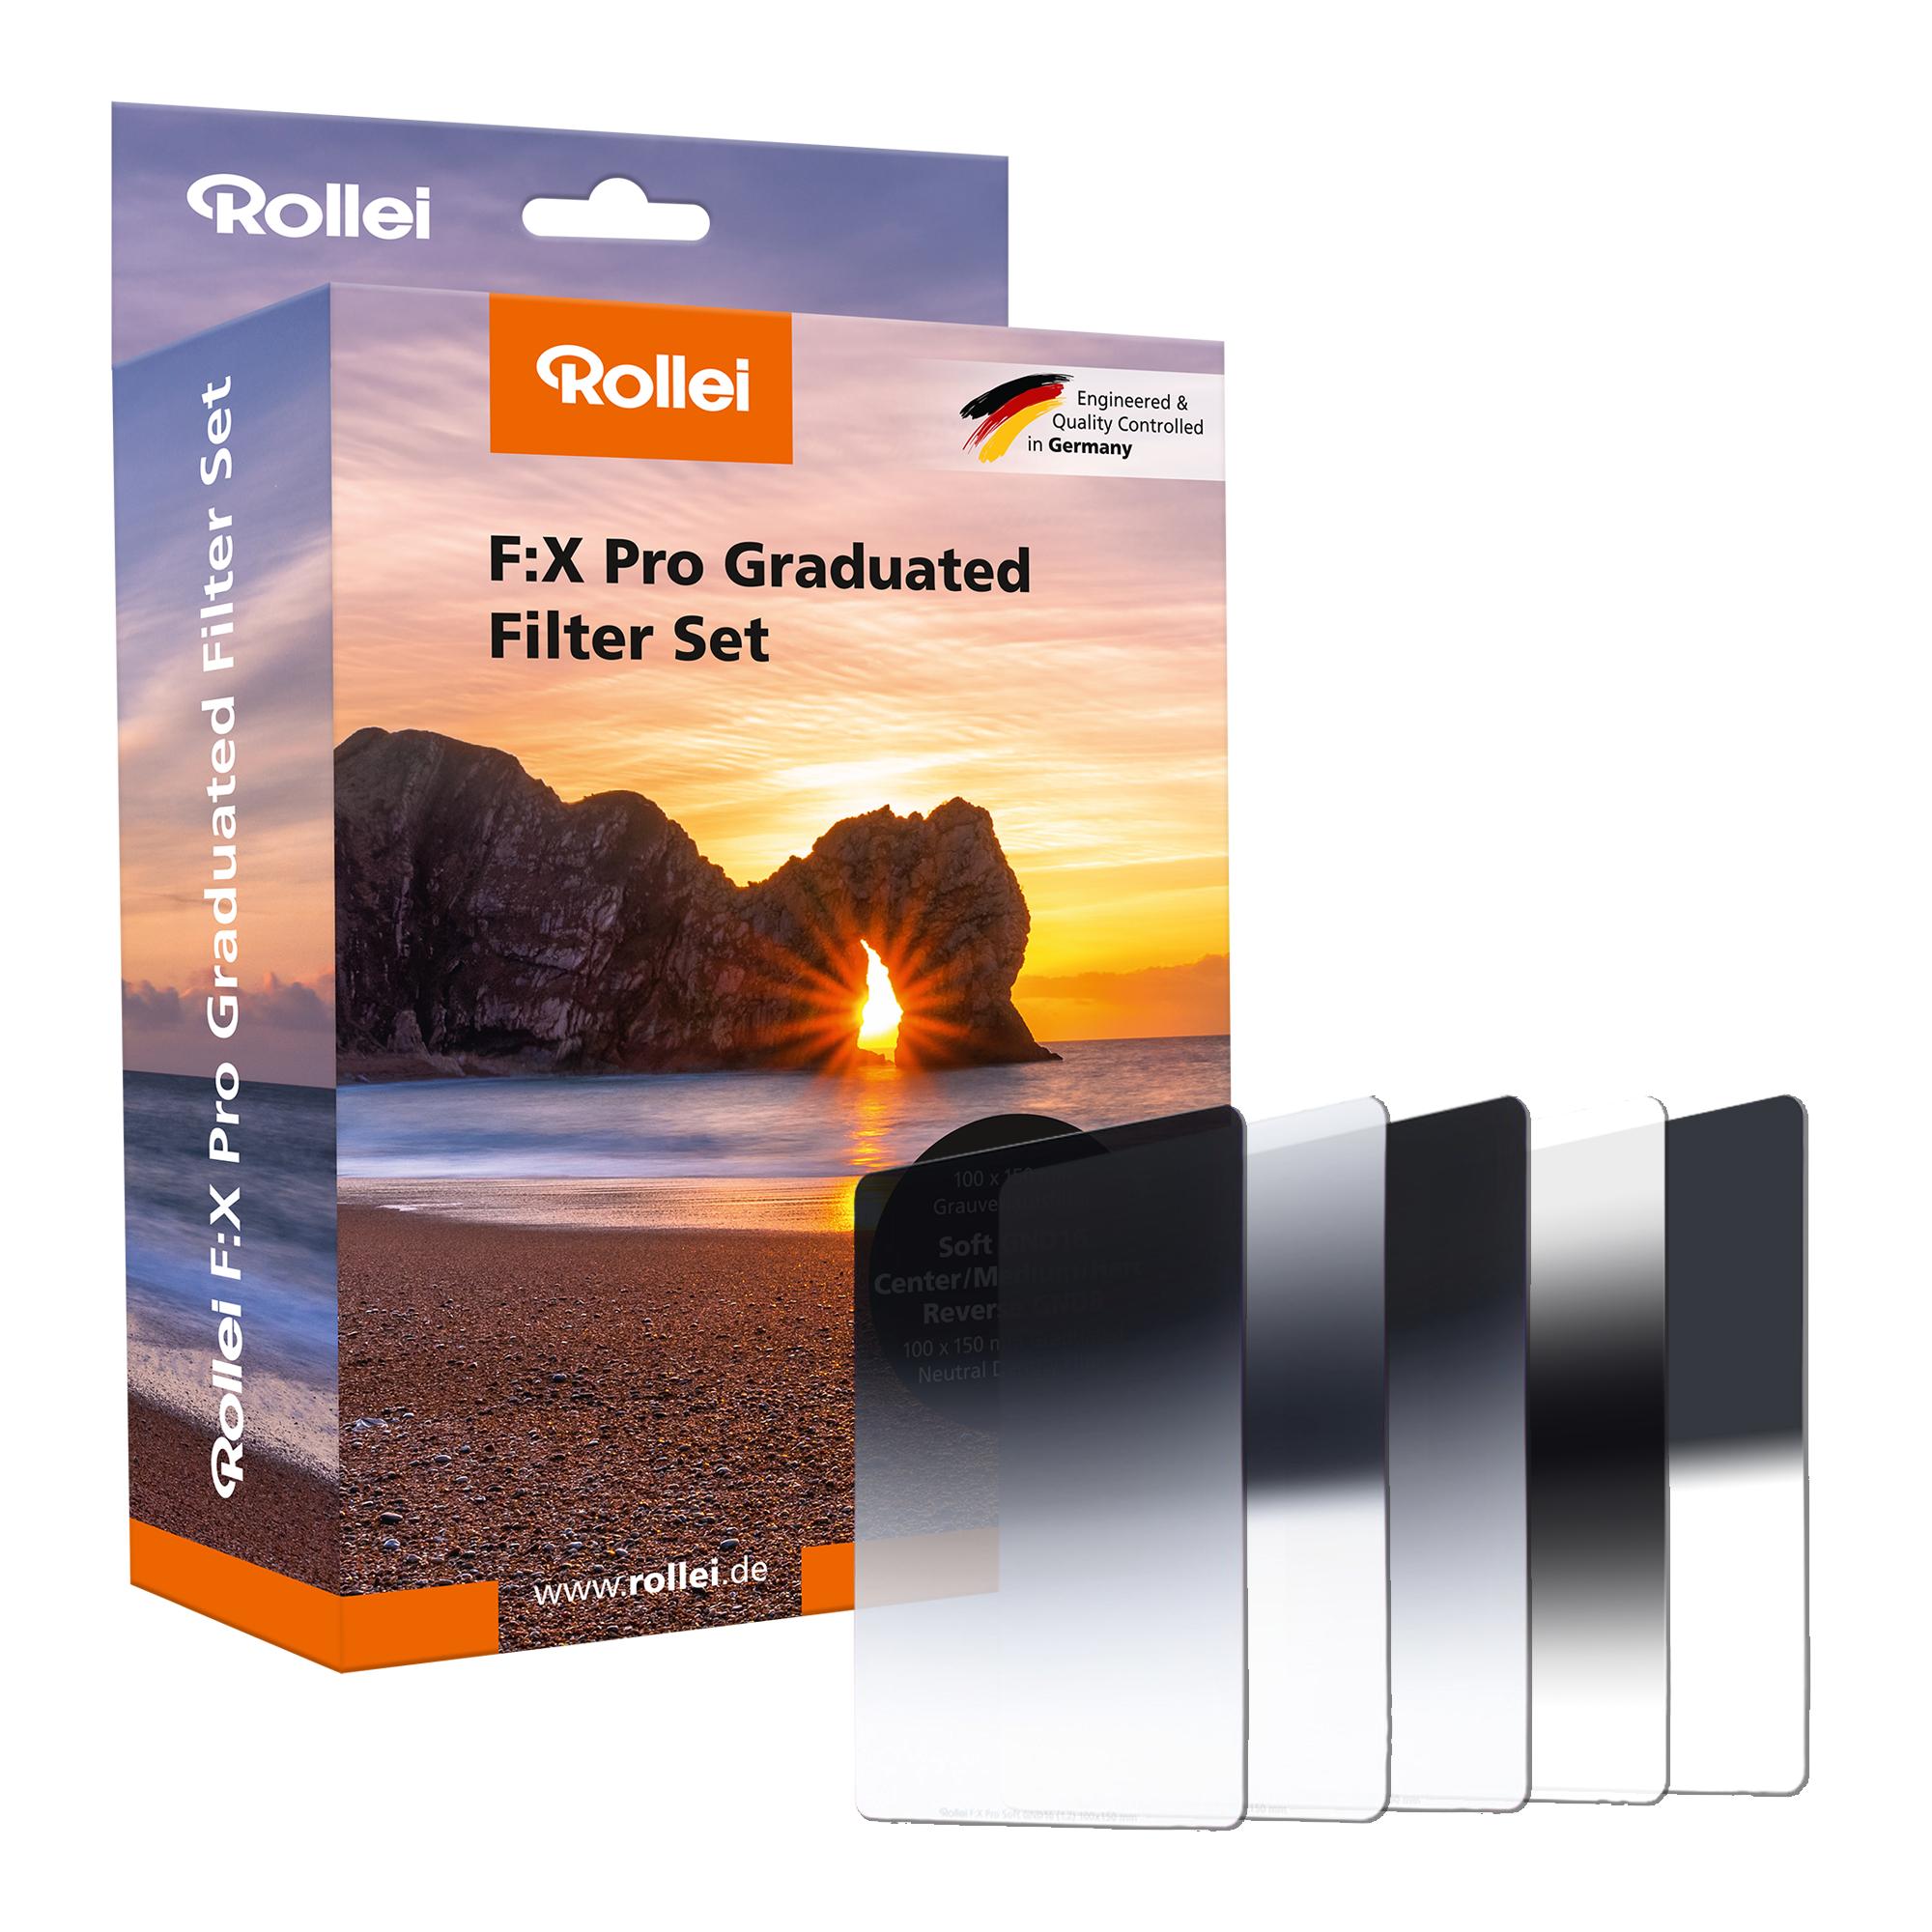 Rollei F:X Pro Rechteckfilter GND-Set und andere F:X Pro Filter